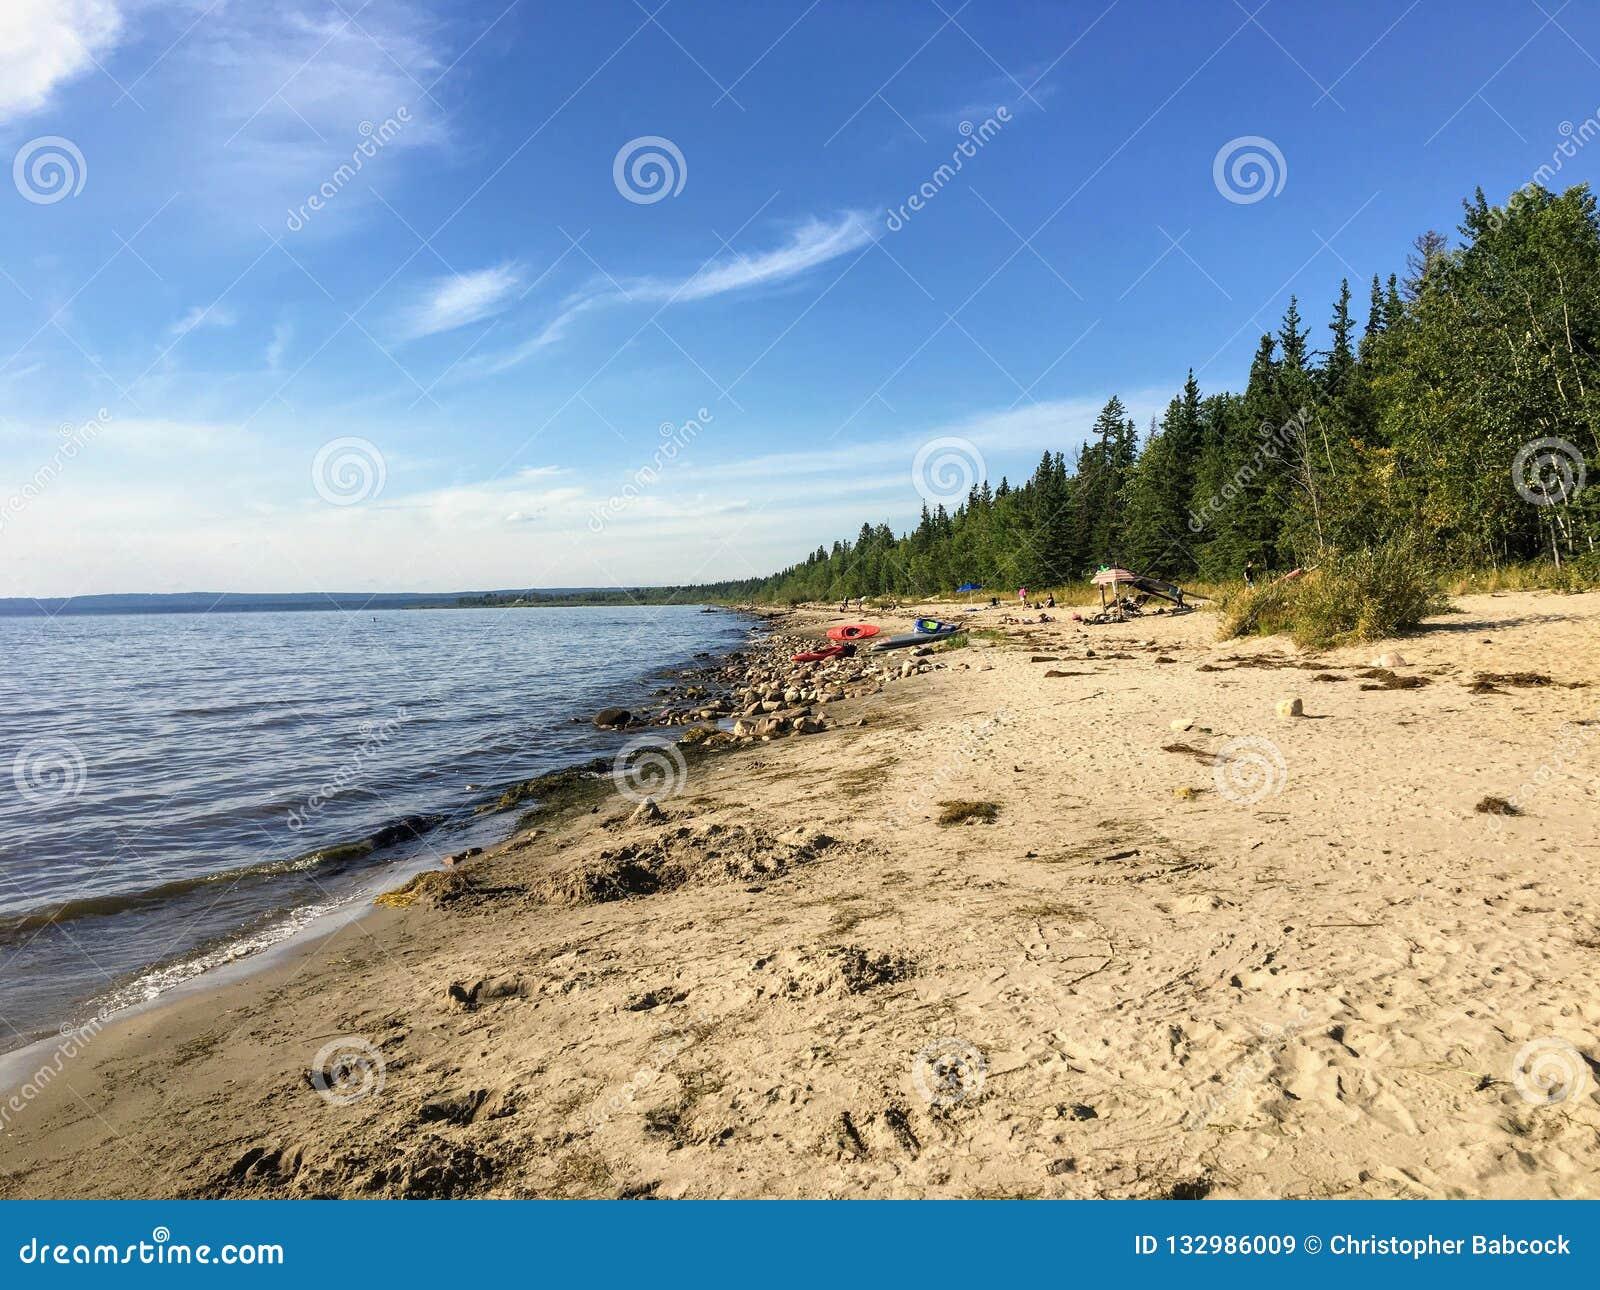 Piękne piaskowate plaże wzdłuż kuny plaży i wod niewolniczy jezioro w Północnym Alberta, Kanada na ciepłym letnim dniu